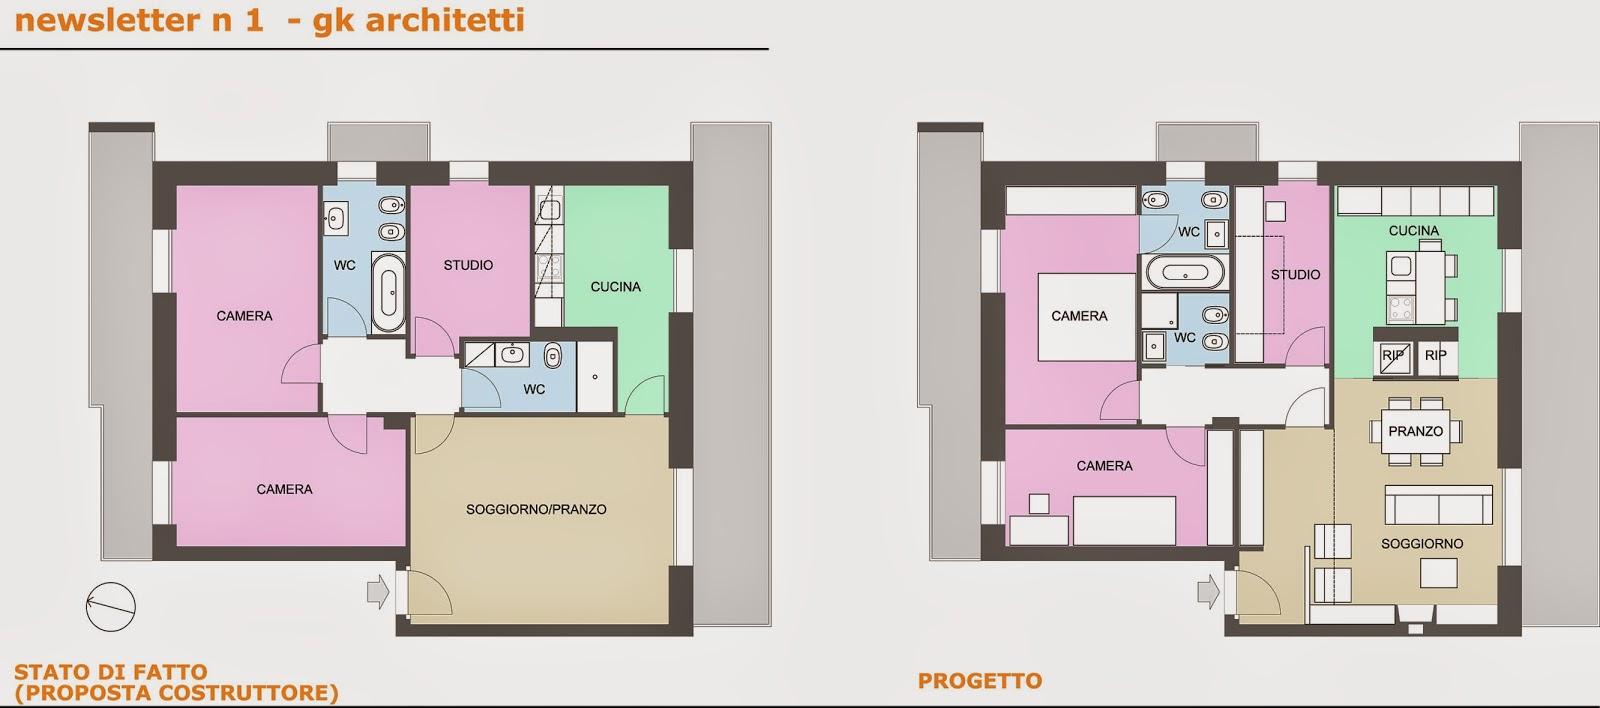 Appunti di architettura 5 consigli per progettare gli interni for Progettazione spazi interni